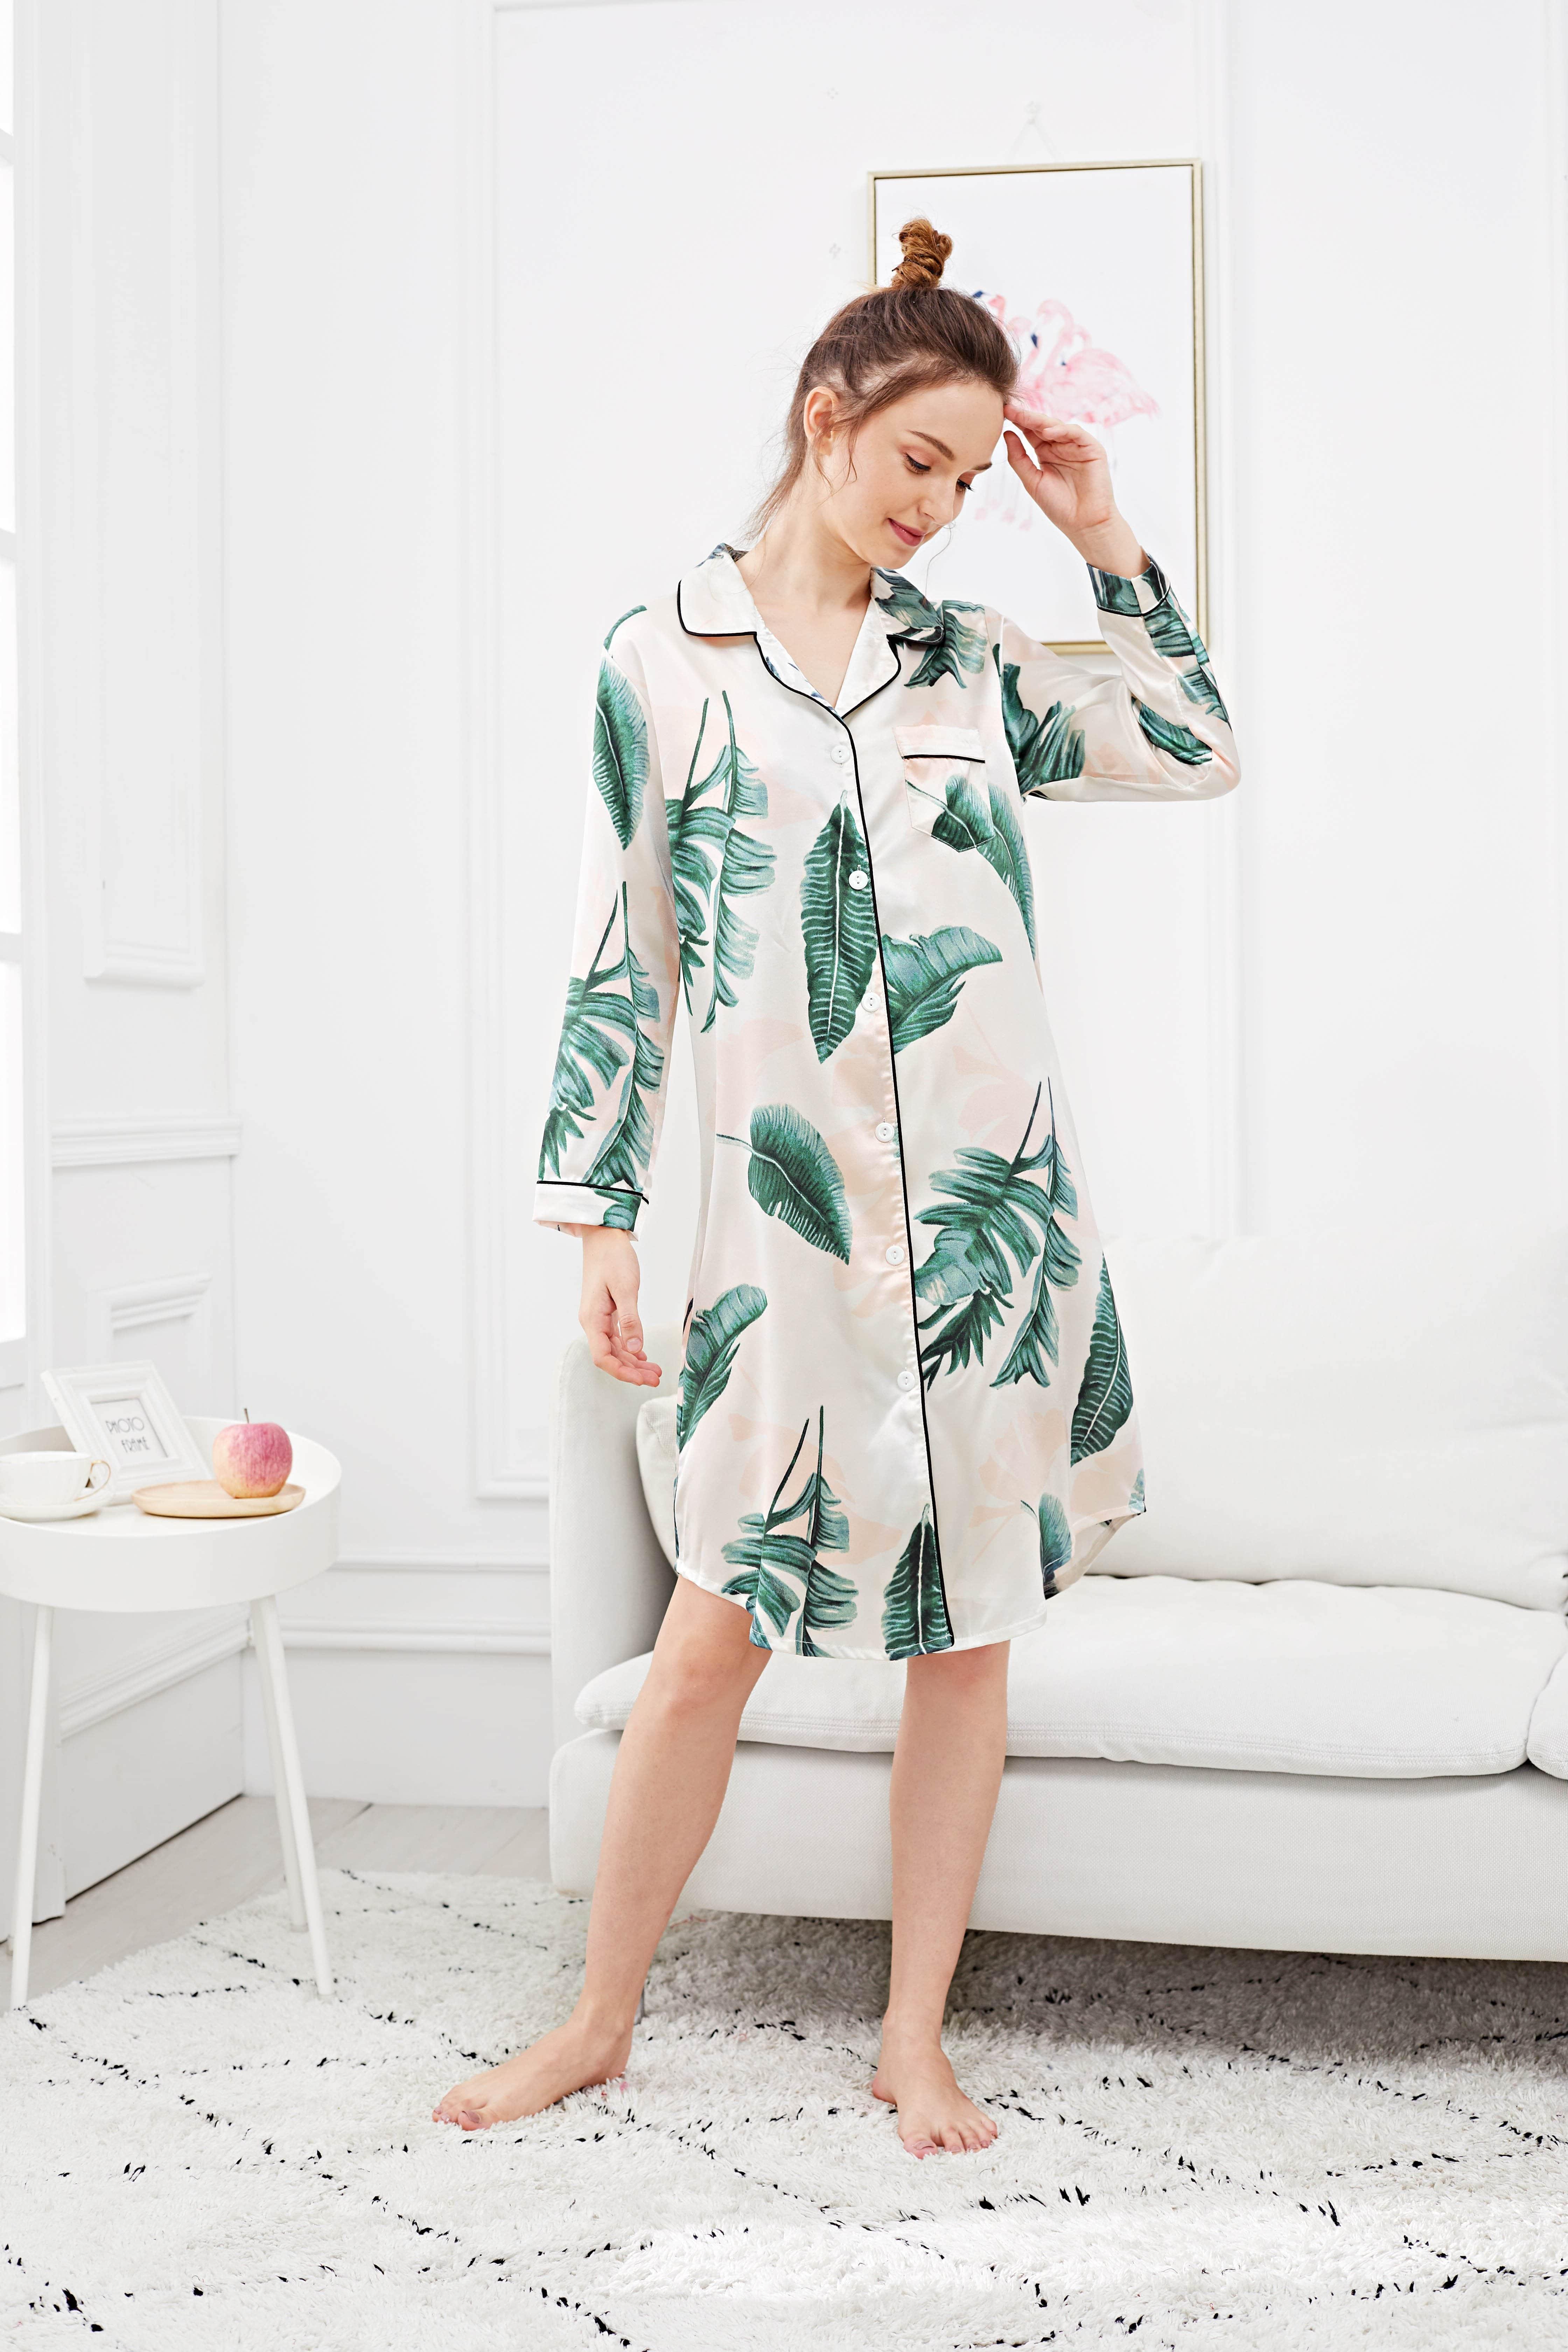 Купить Платье футболки с рисунками пальм, Tory, SheIn